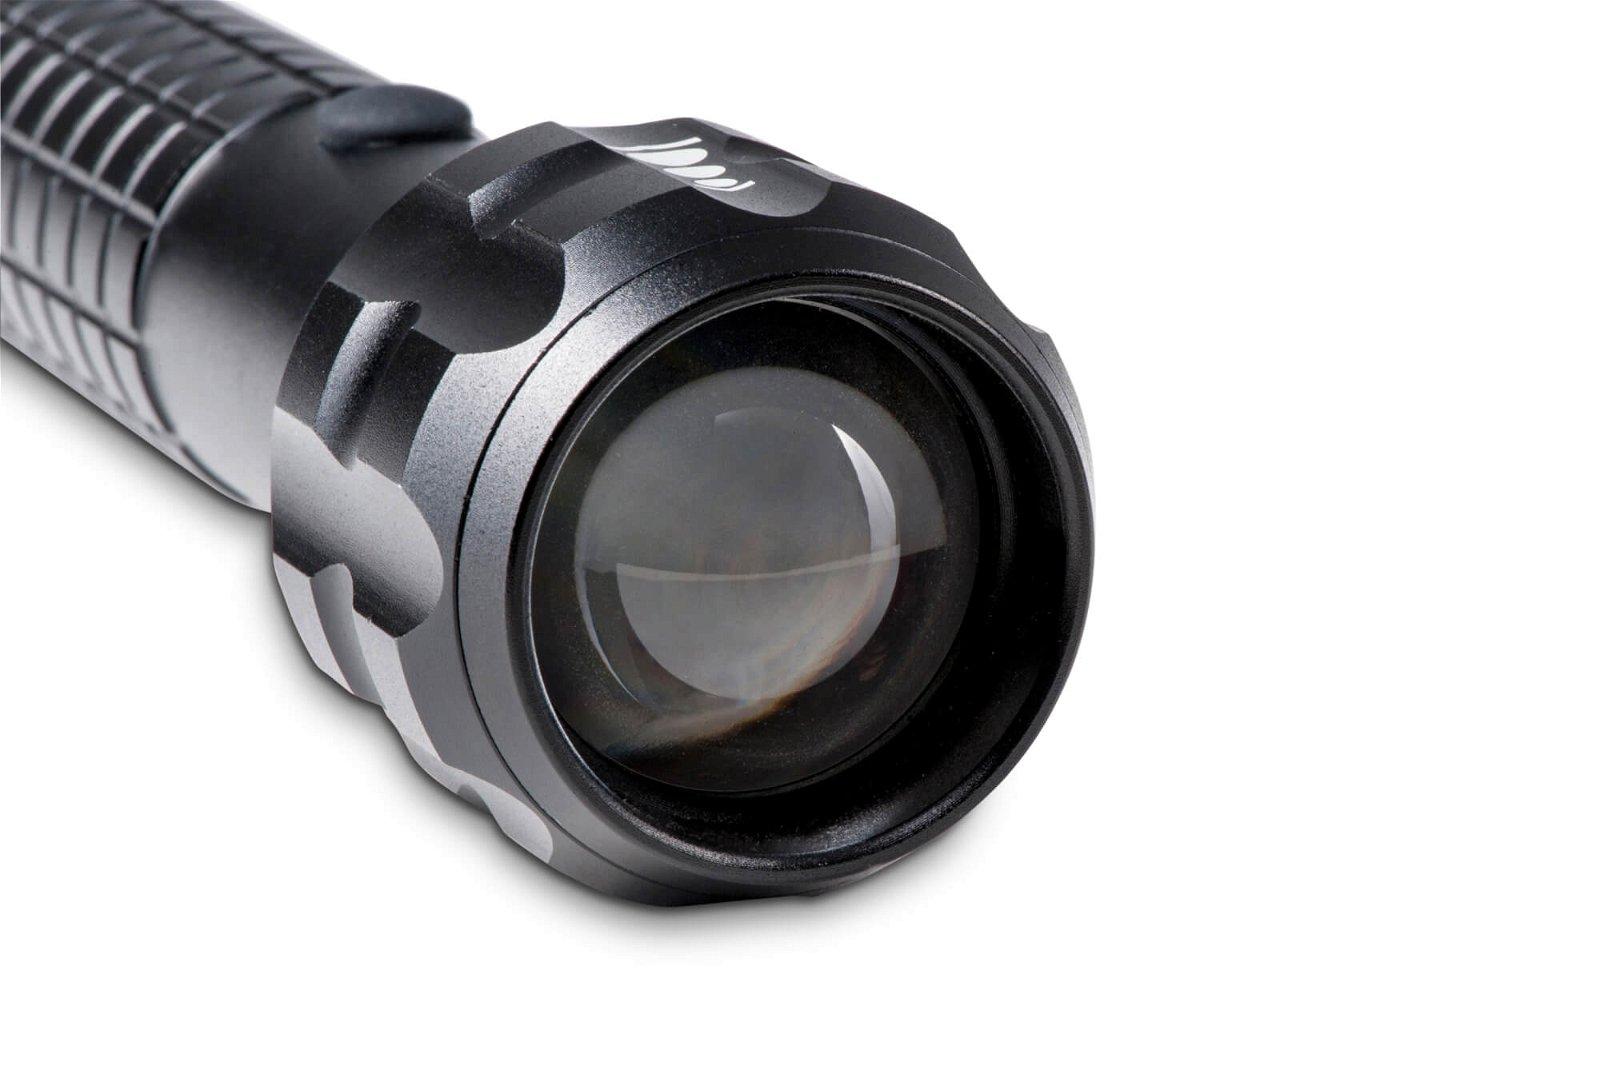 LED-Taschenlampe MAULkronos L